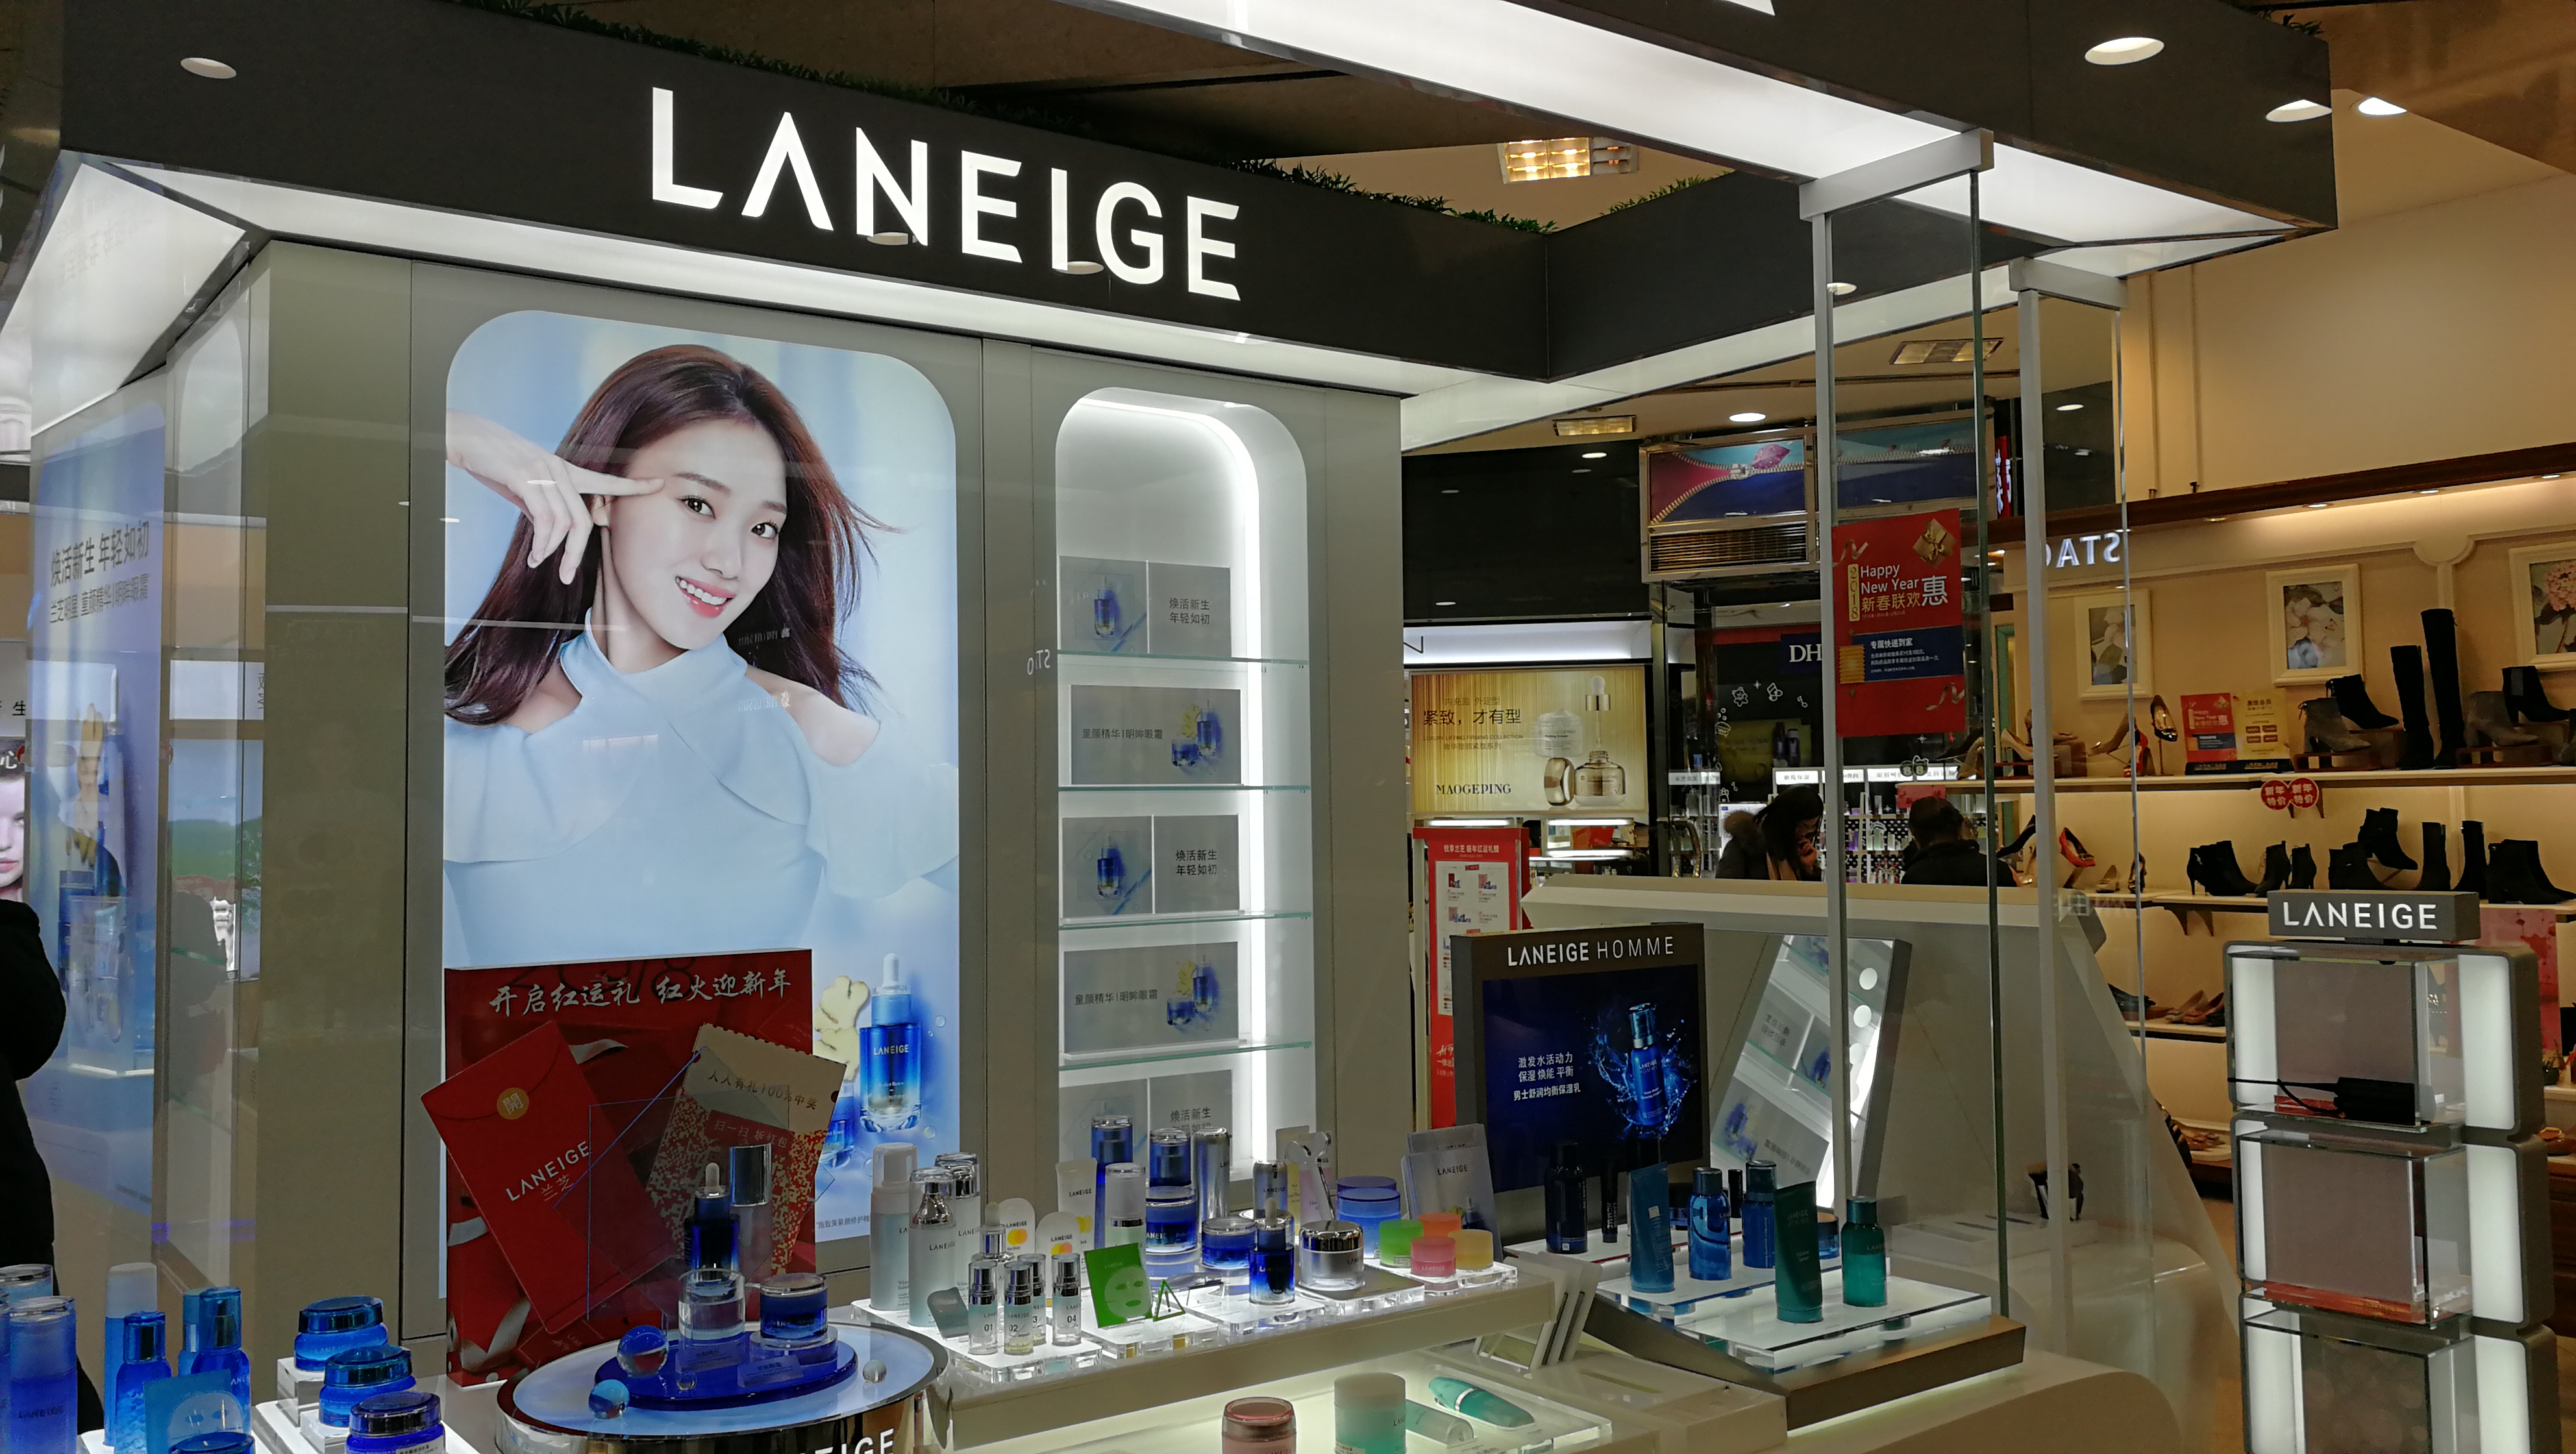 laneige cosmetics